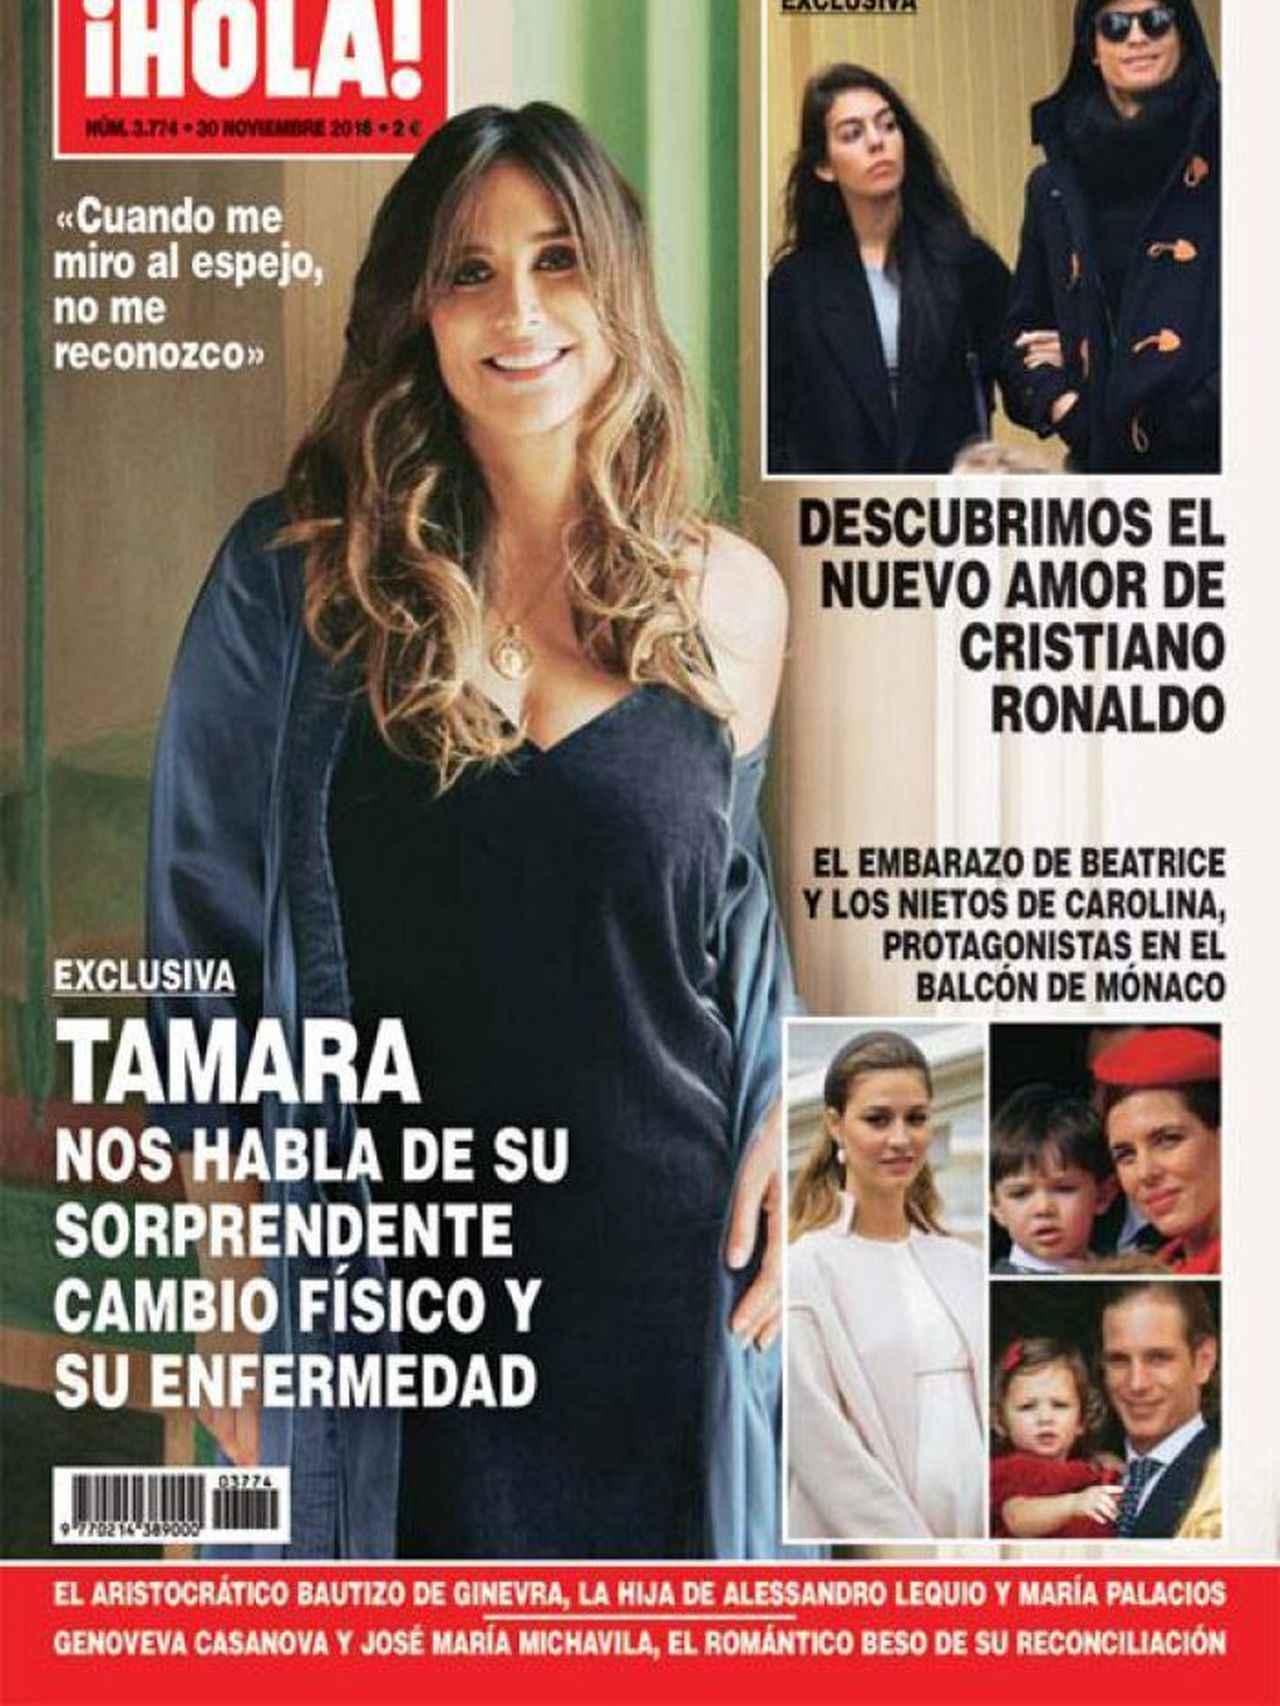 Portada de Tamata falcó en la revista 'HOLA! contando su problema de salud.